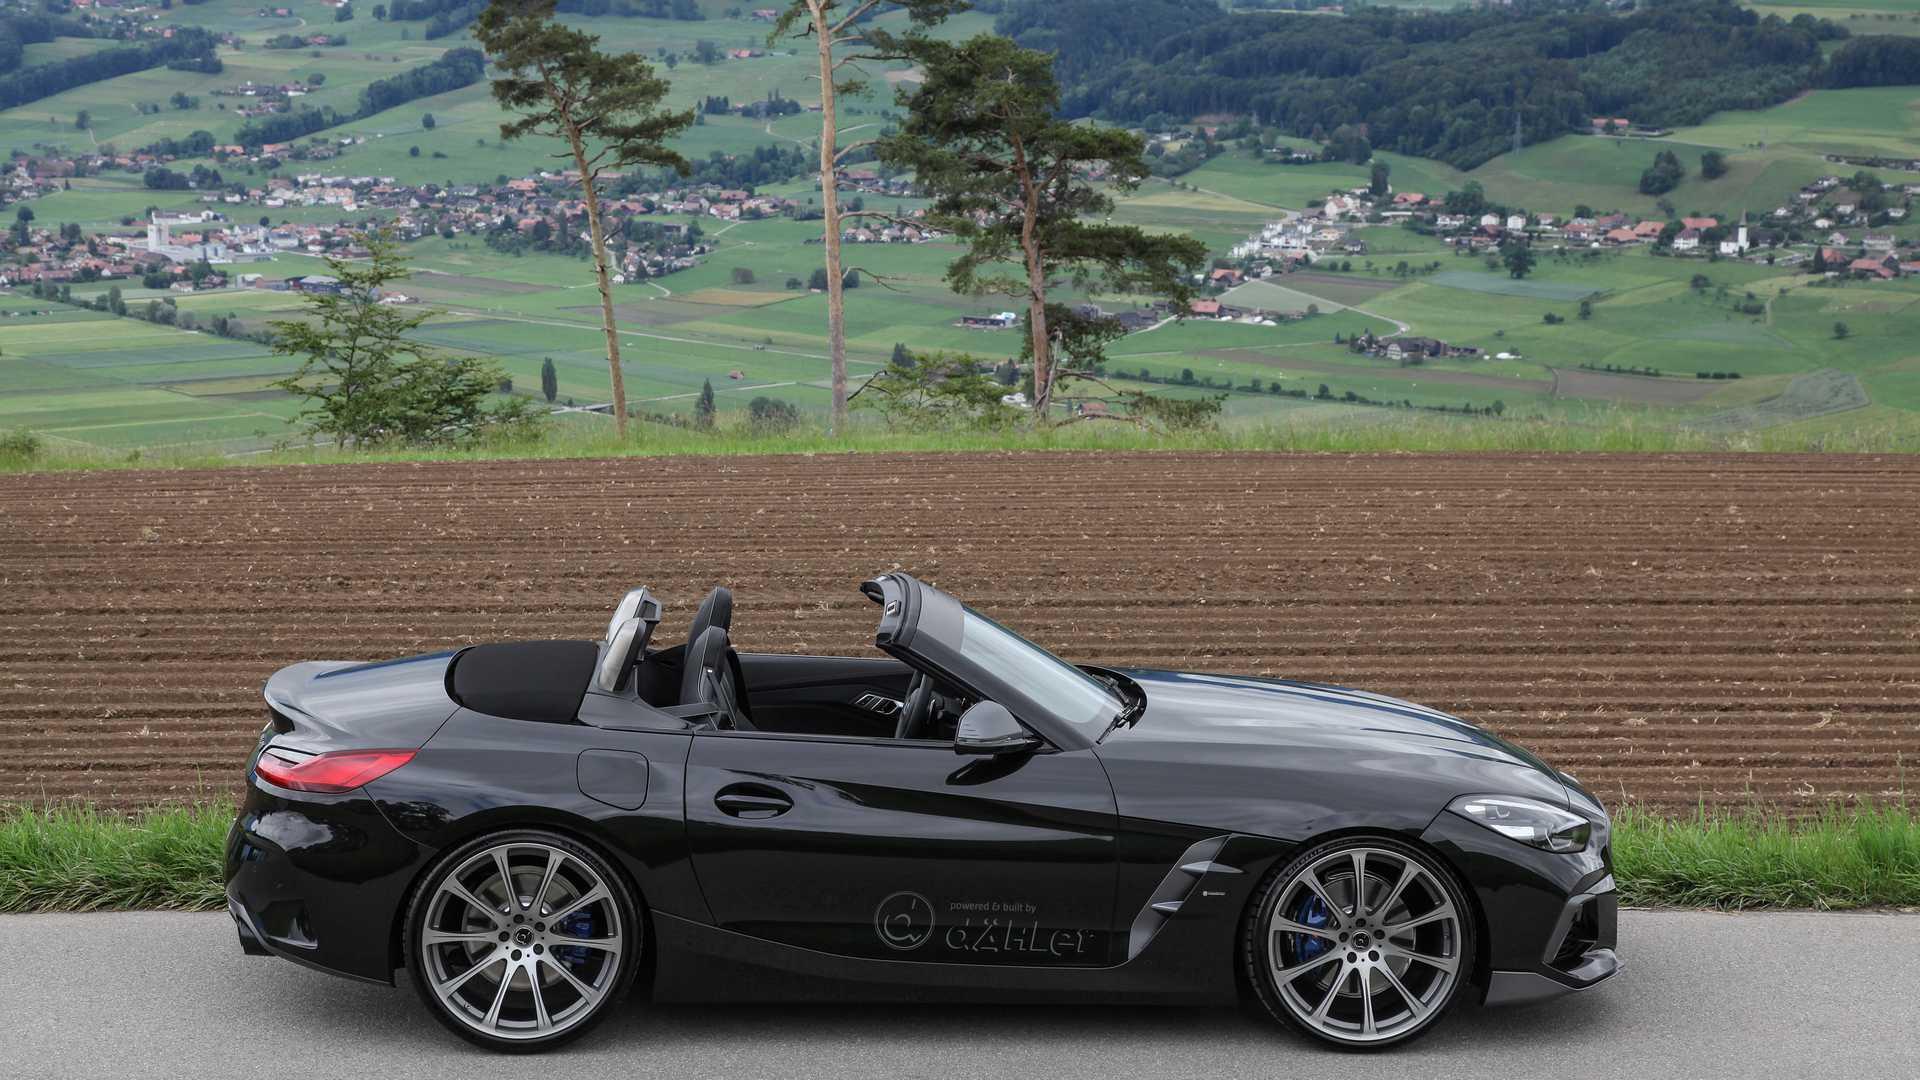 BMW-Z4-M40i-by-Dahler-8